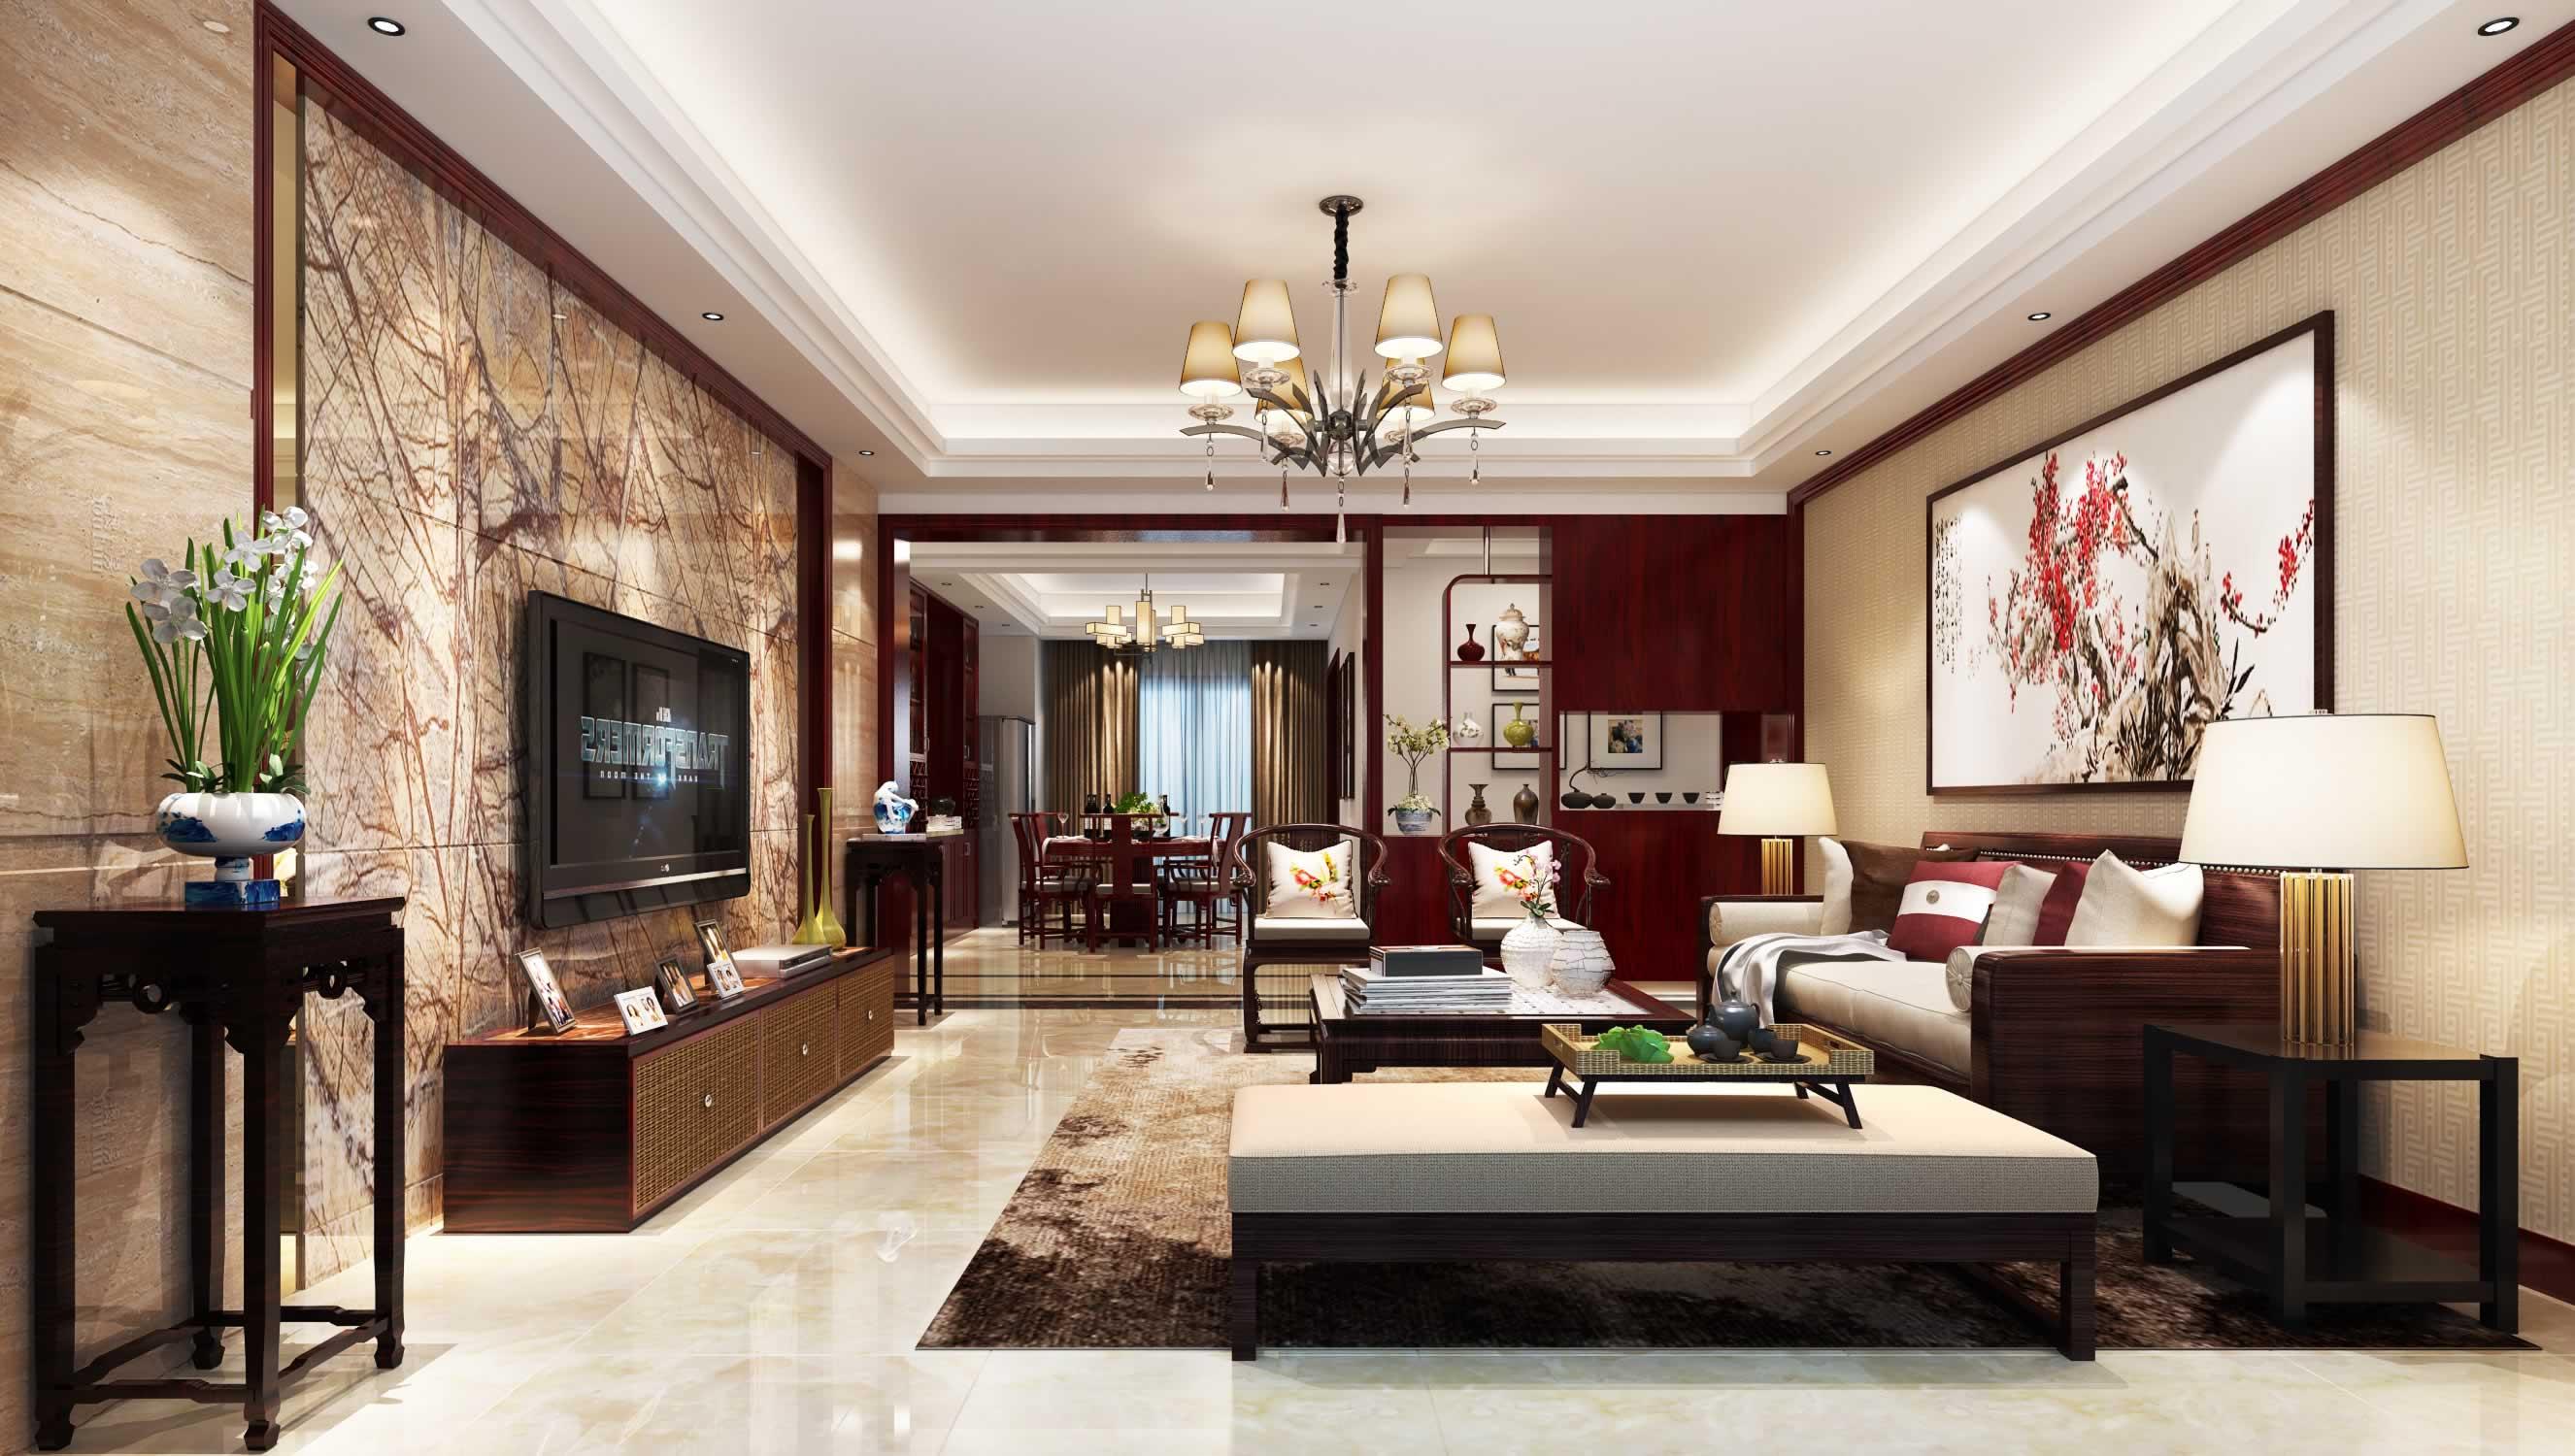 客厅瓷砖铺贴效果图展示